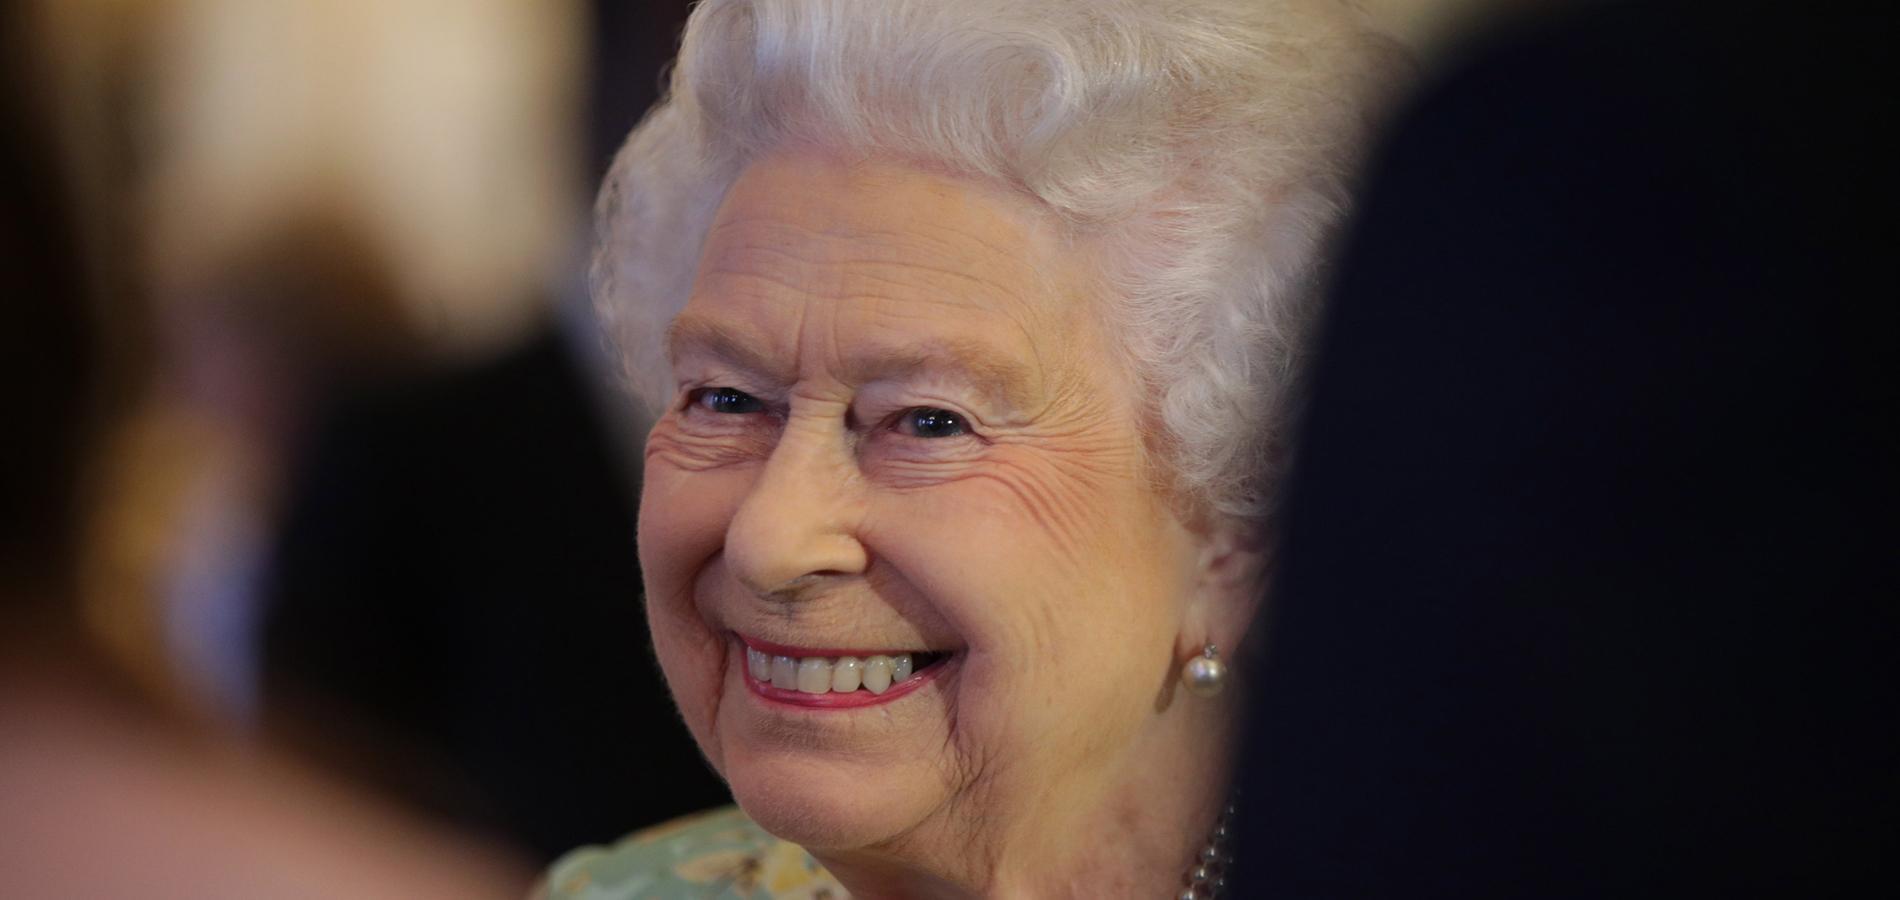 Sur quelle chanson Elizabeth II adore-t-elle danser?